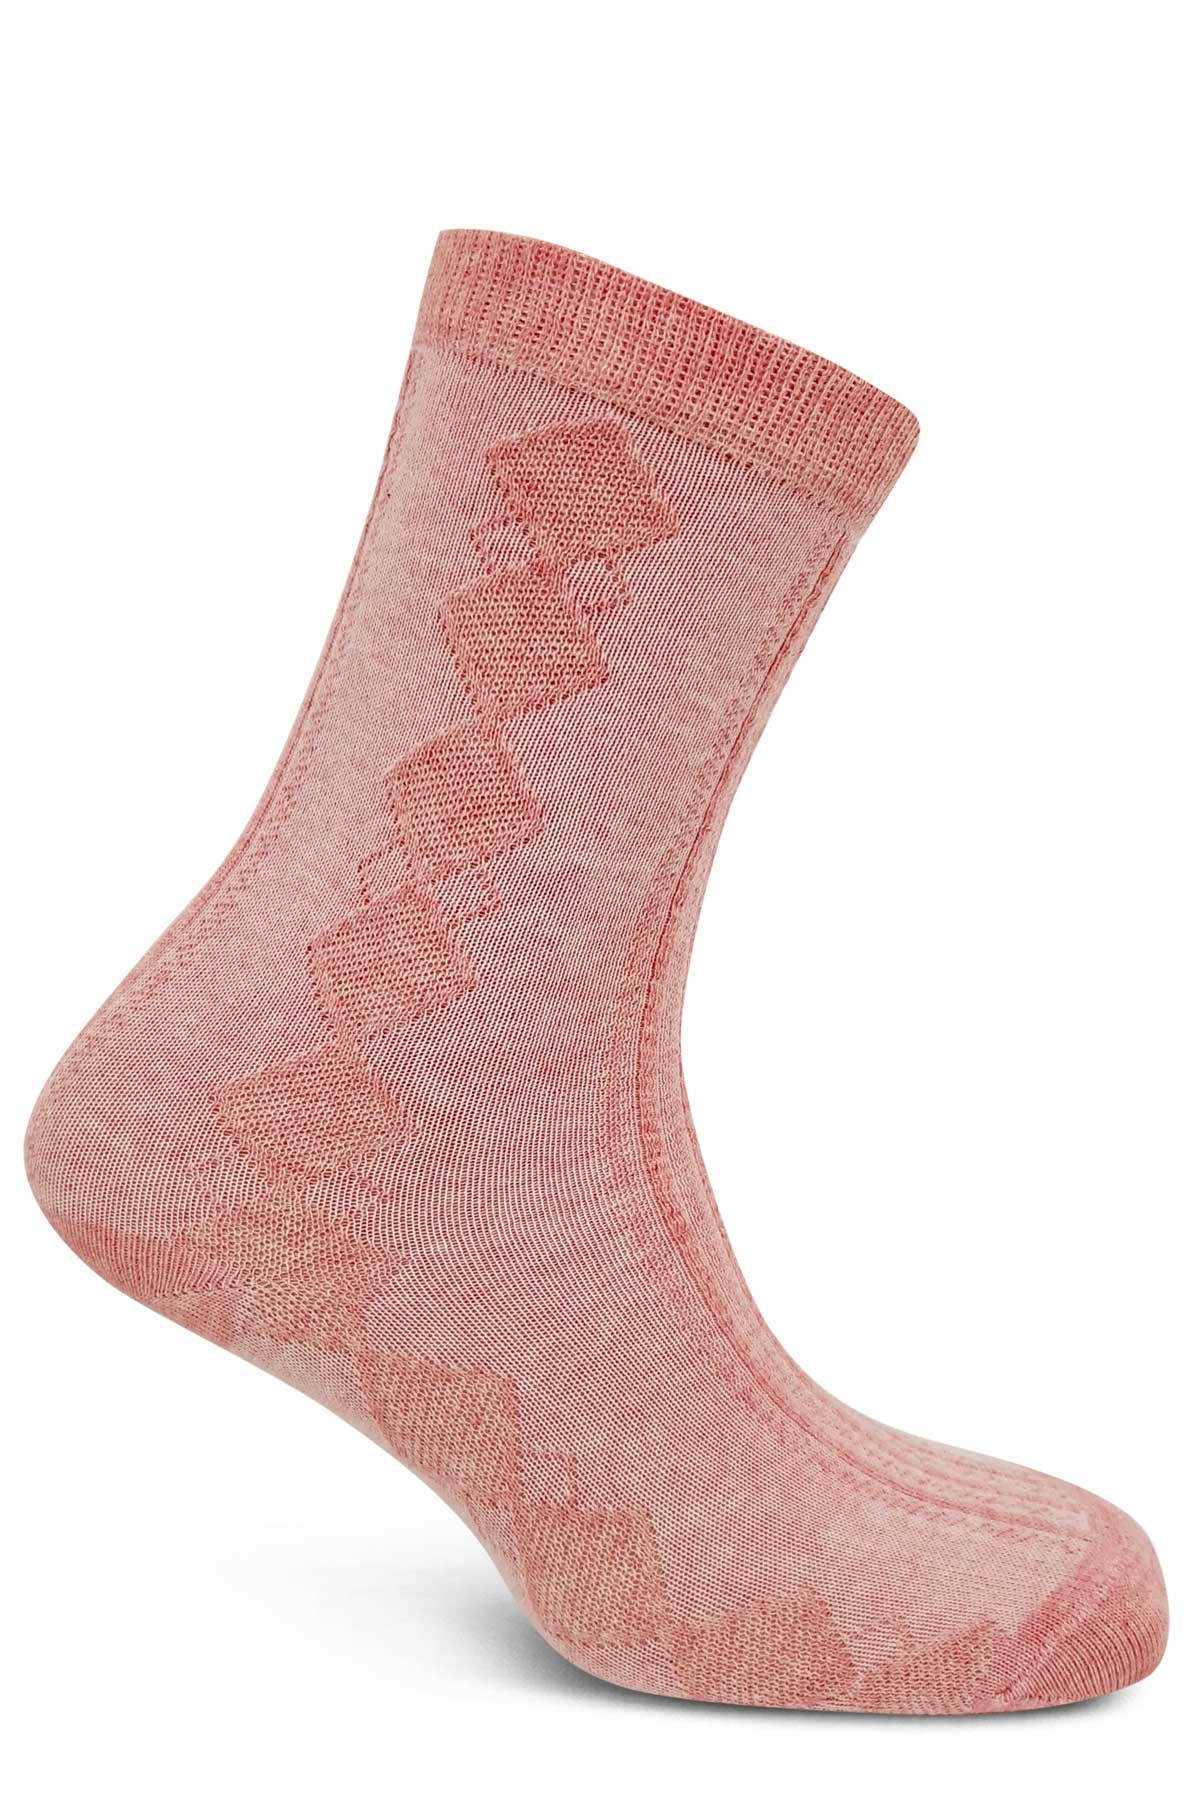 Şirin Kadın Soket Çorap Ekose Desenli (SIRIN415019) - Thumbnail